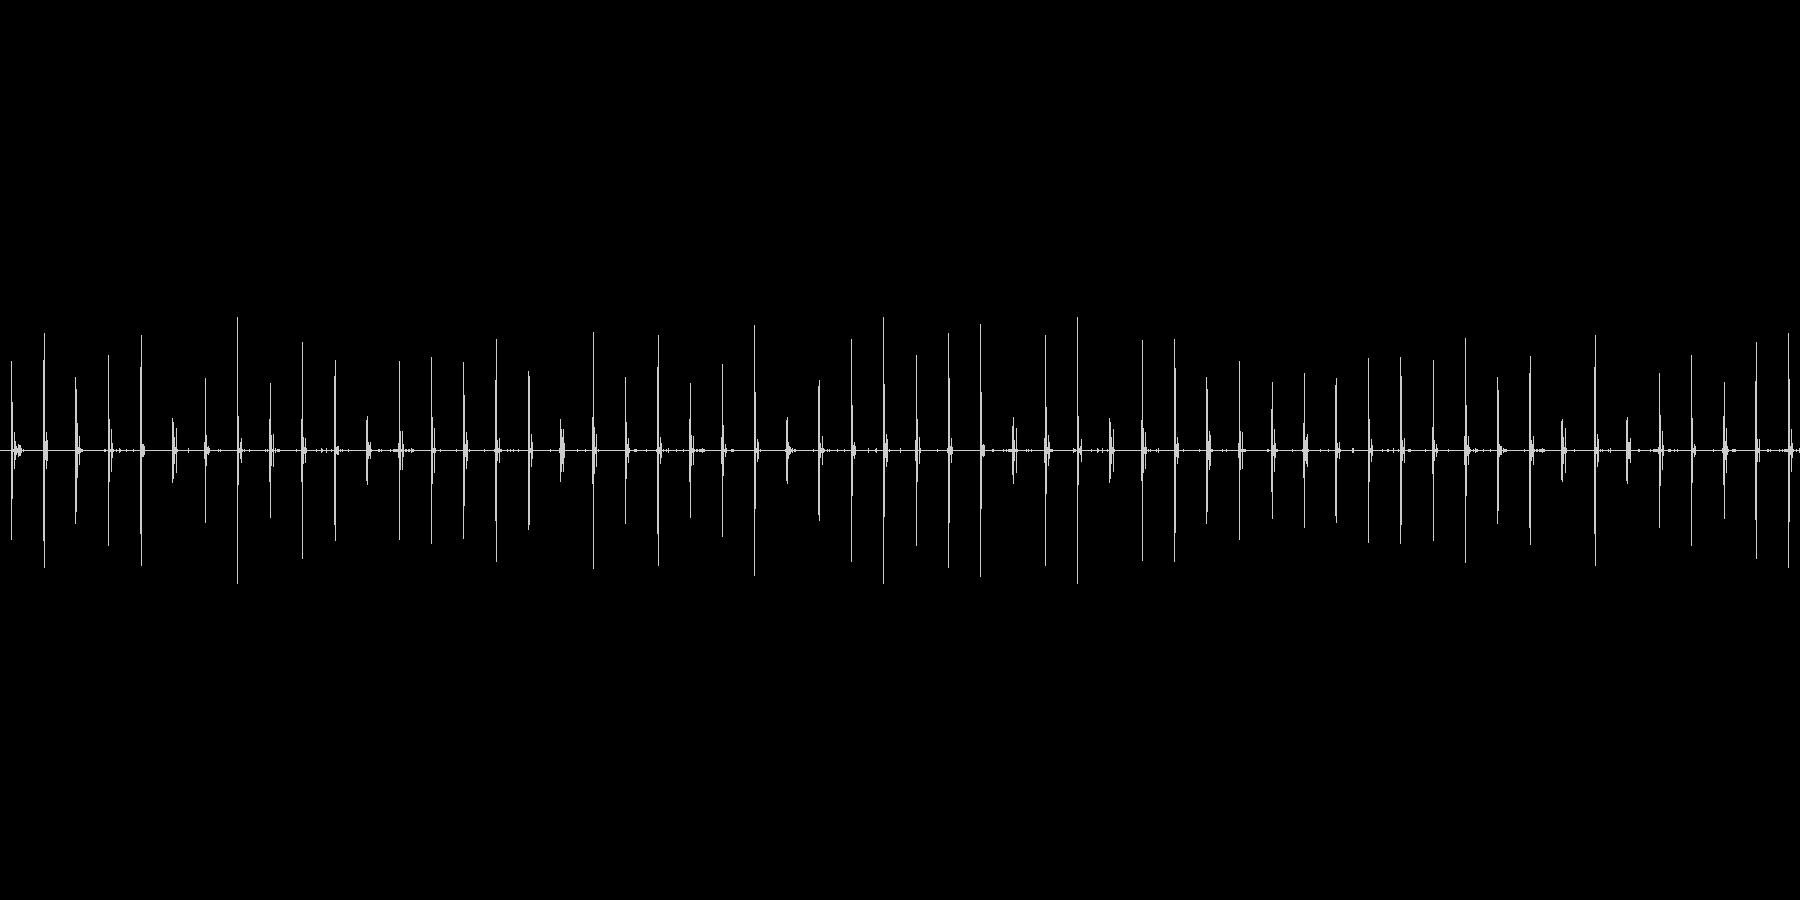 スニーカーで砂地をゆっくり歩く音の未再生の波形